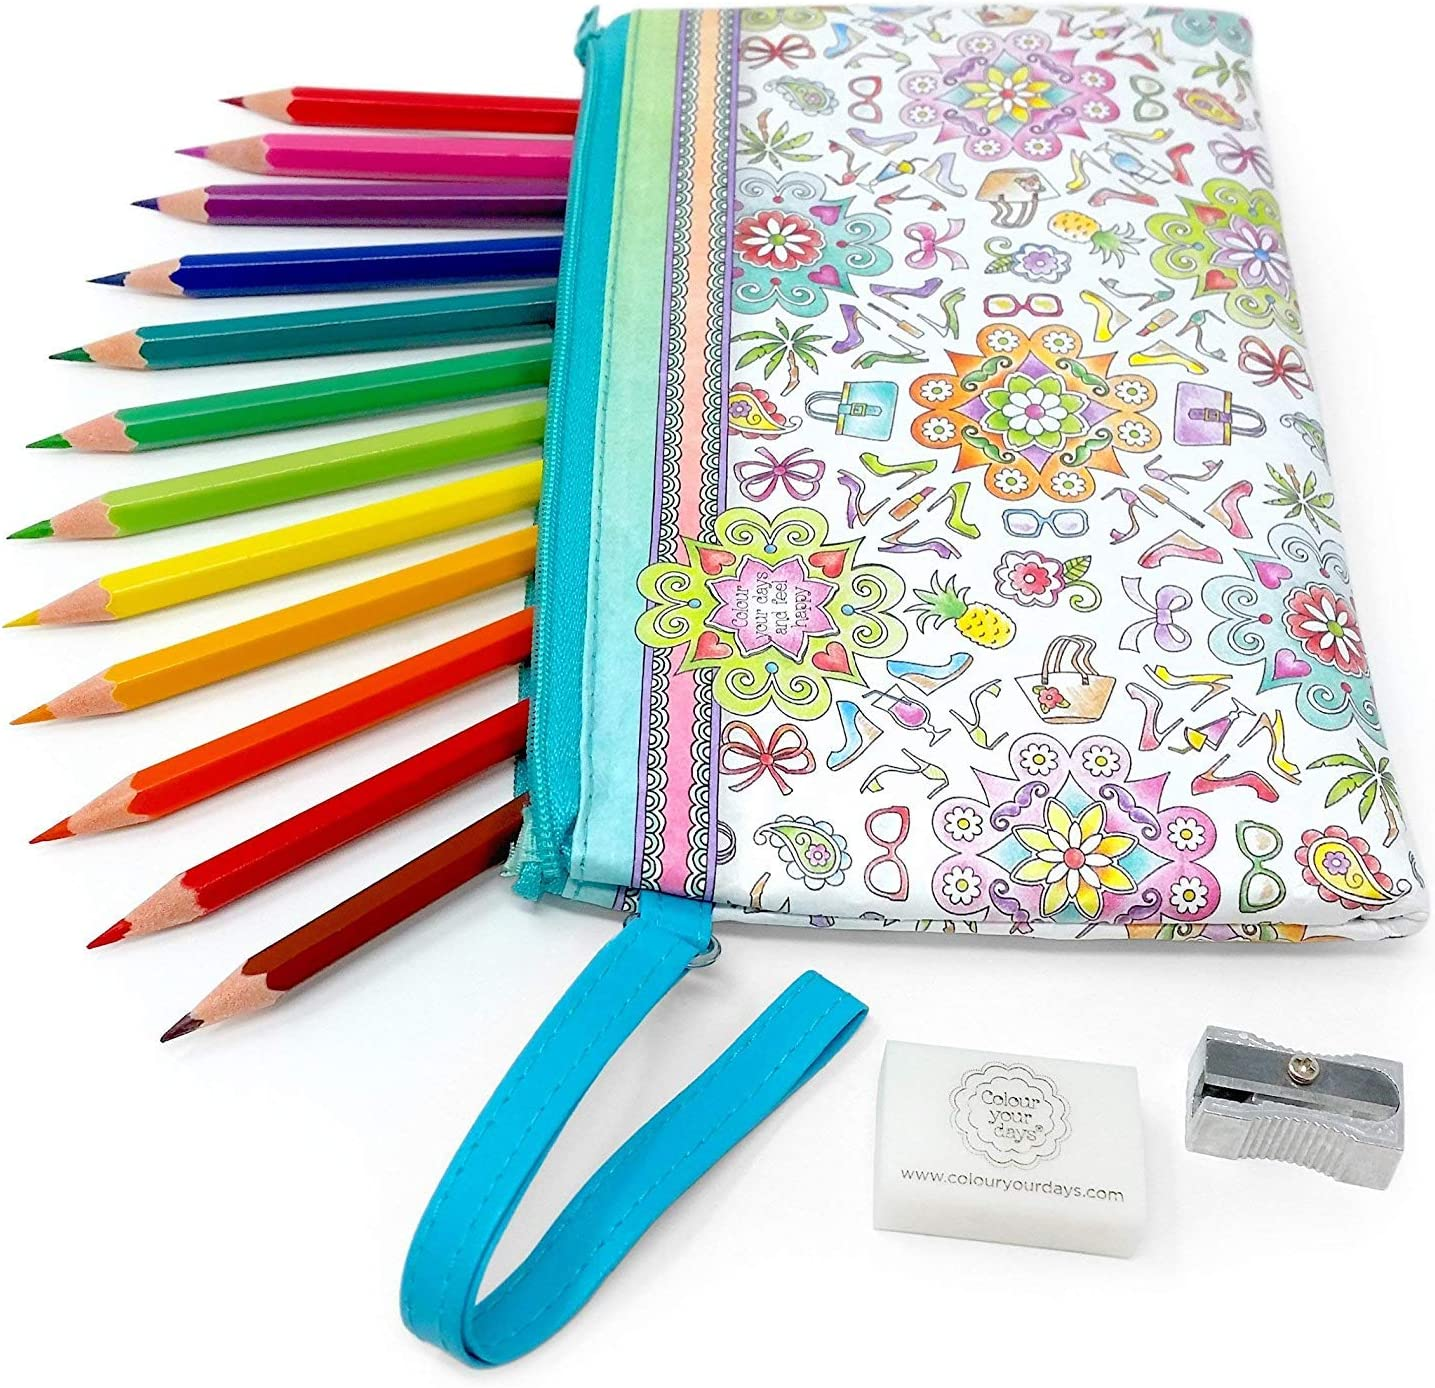 Collins - Colour Your Days - Estuche Set con Lápices de Colores, Borrador, y Sacapuntas: Amazon.es: Oficina y papelería